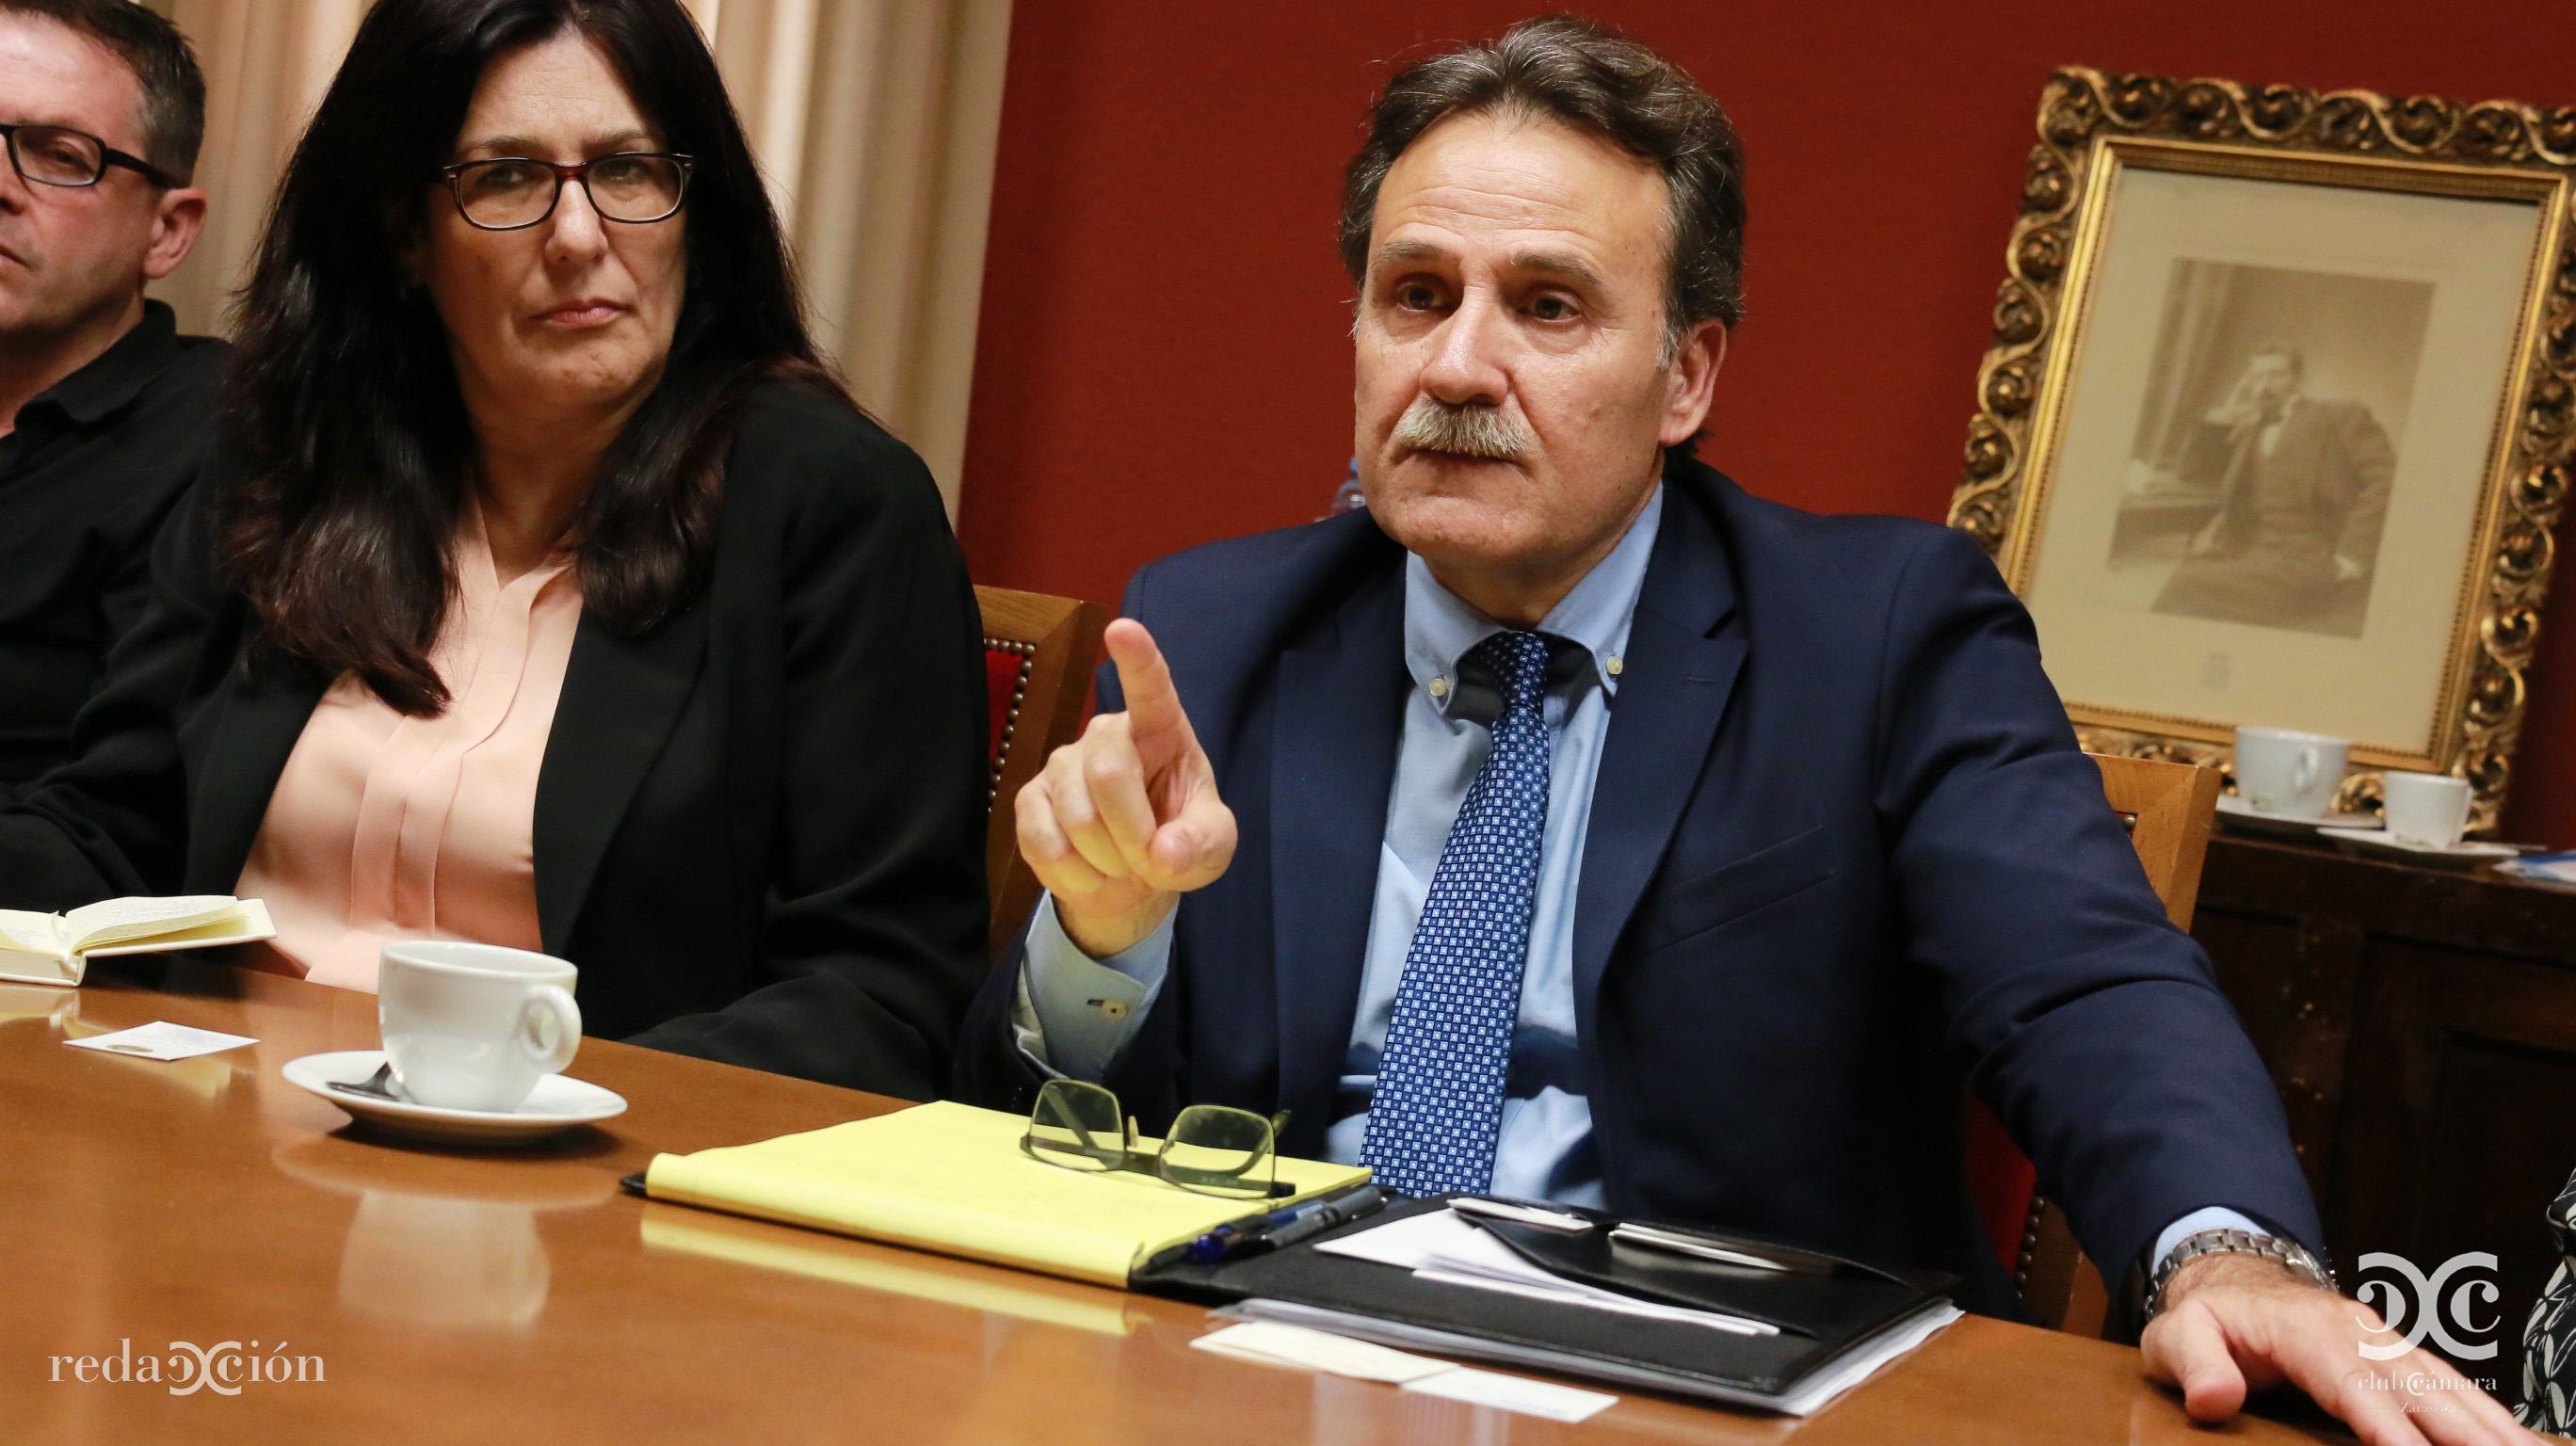 Gustavo Machín embajador de Cuba